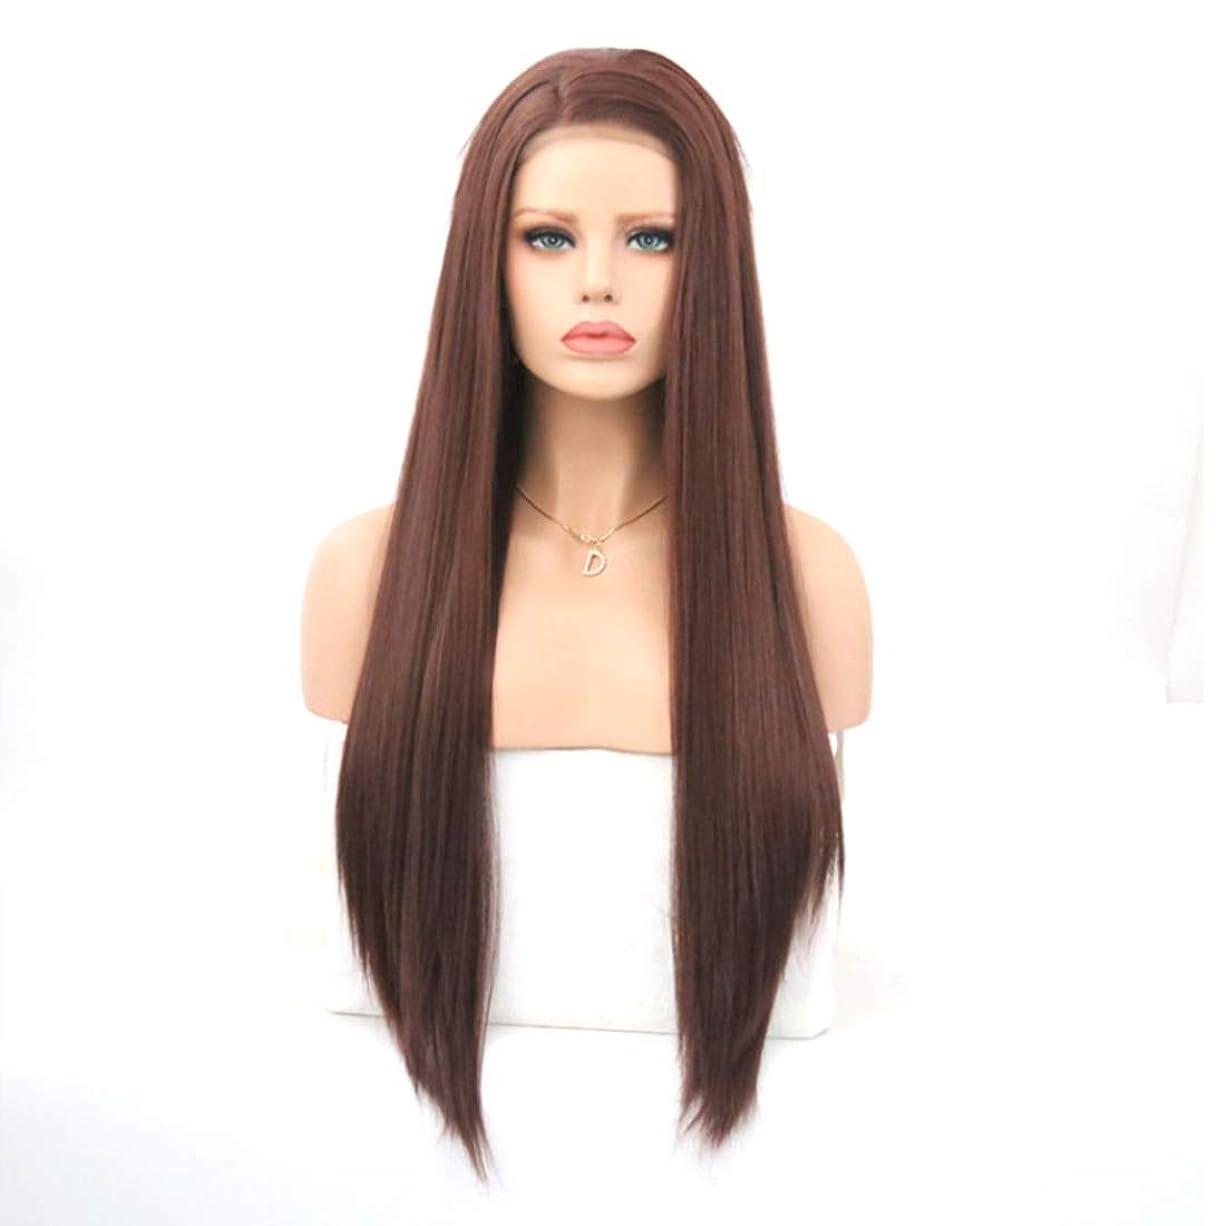 投獄未来がっかりするSummerys 茶色のフロントレース化学繊維かつらヘッドギア高温シルクロングストレートウィッグ女性用 (Size : 20 inches)